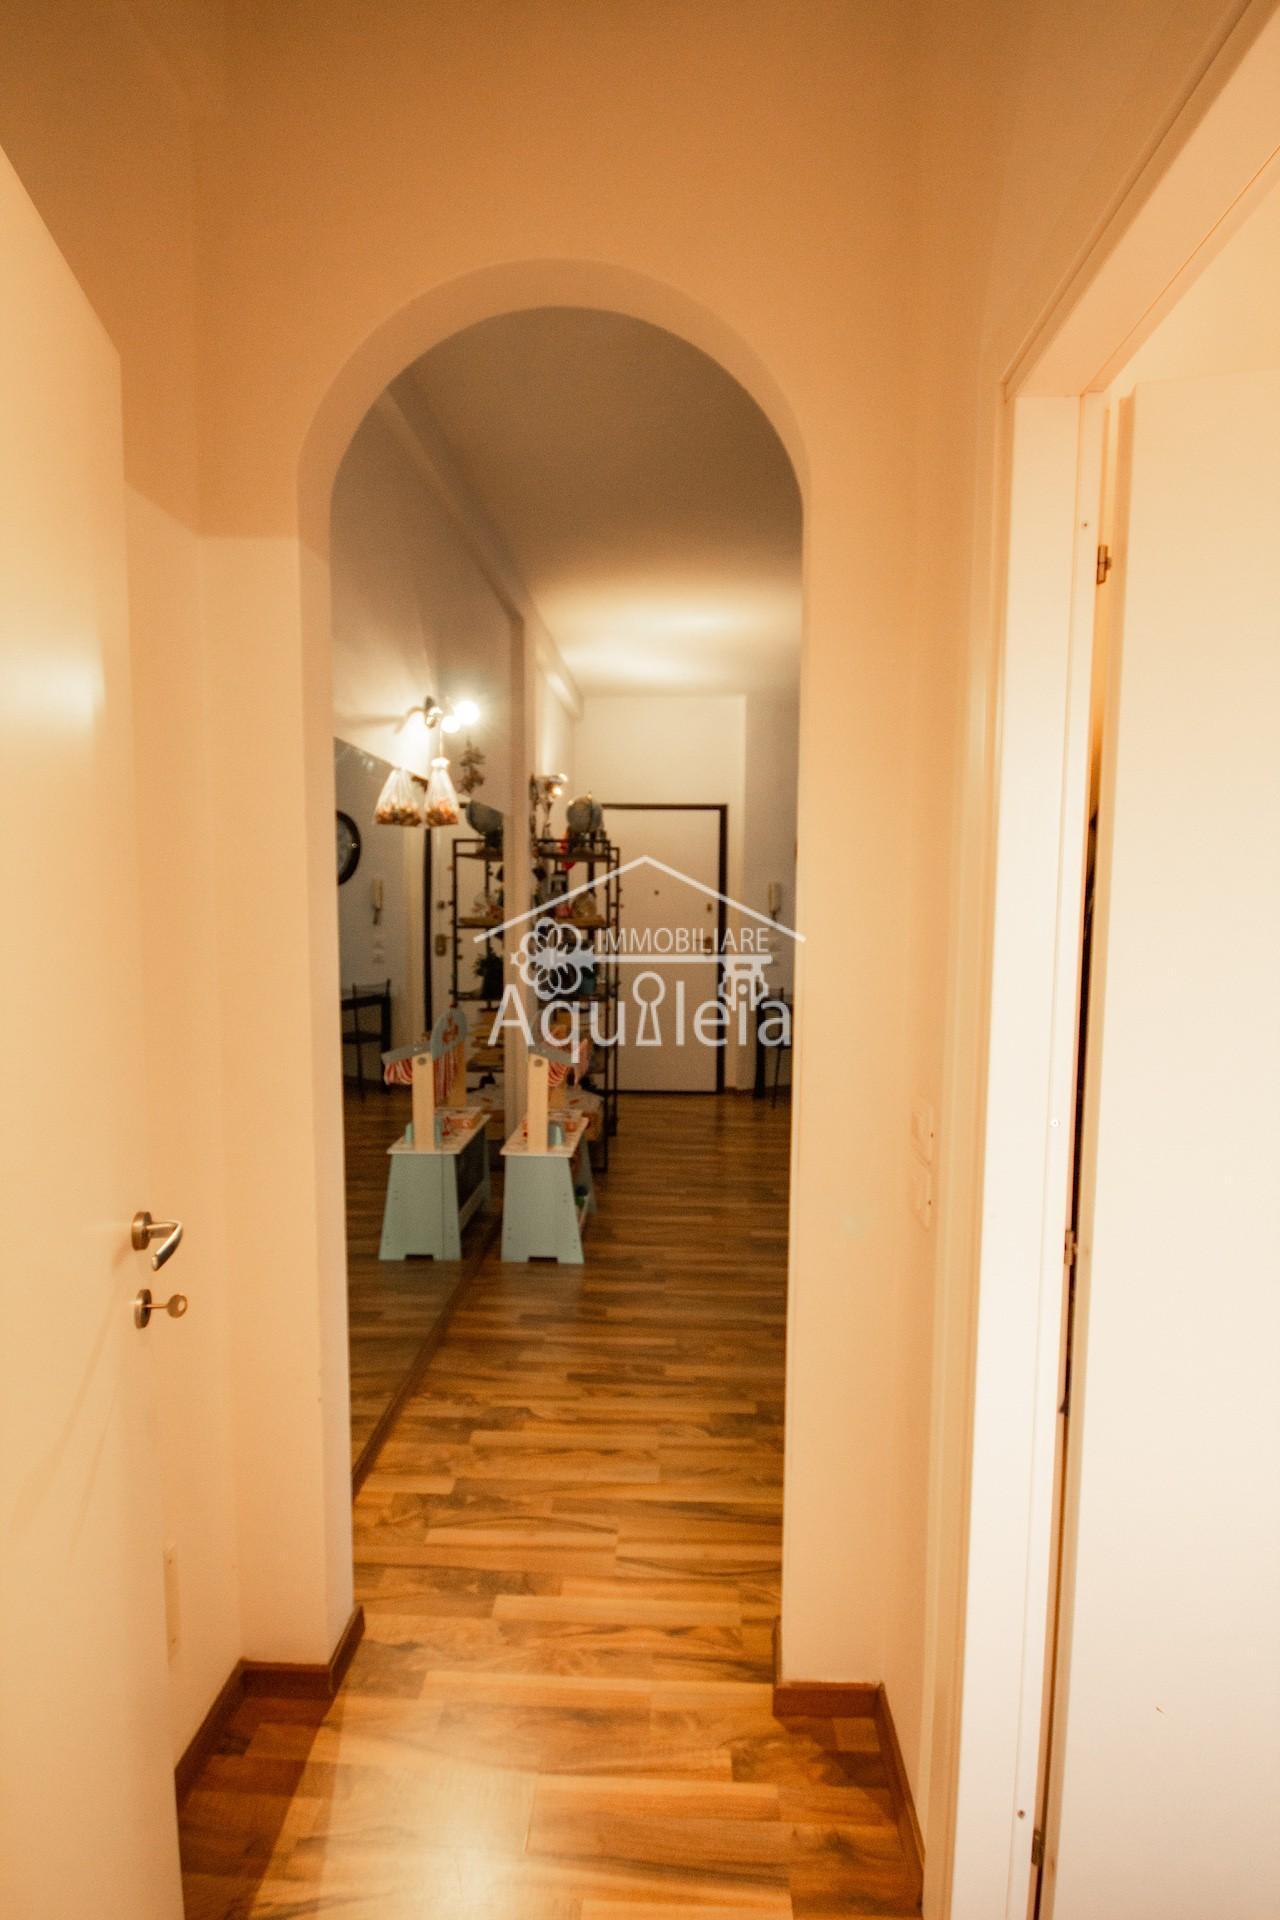 Appartamento in vendita, rif. AQ 1870